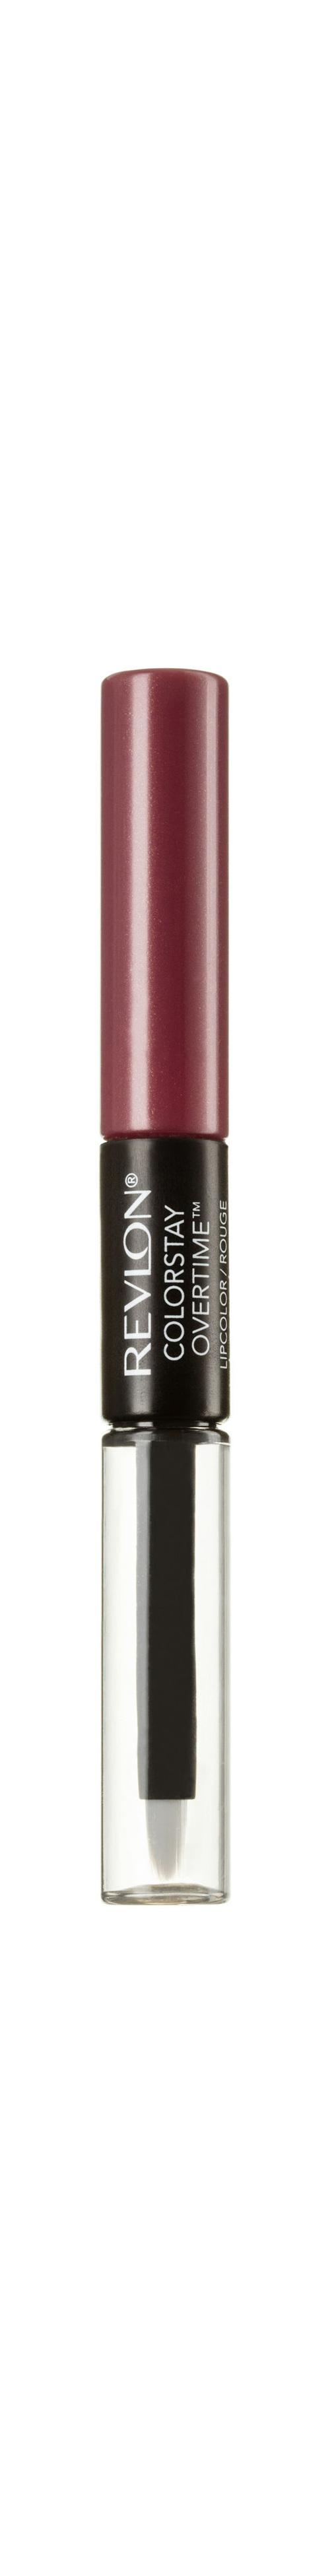 Revlon Colorstay Overtime™ Lipcolor Infinite Raspberry